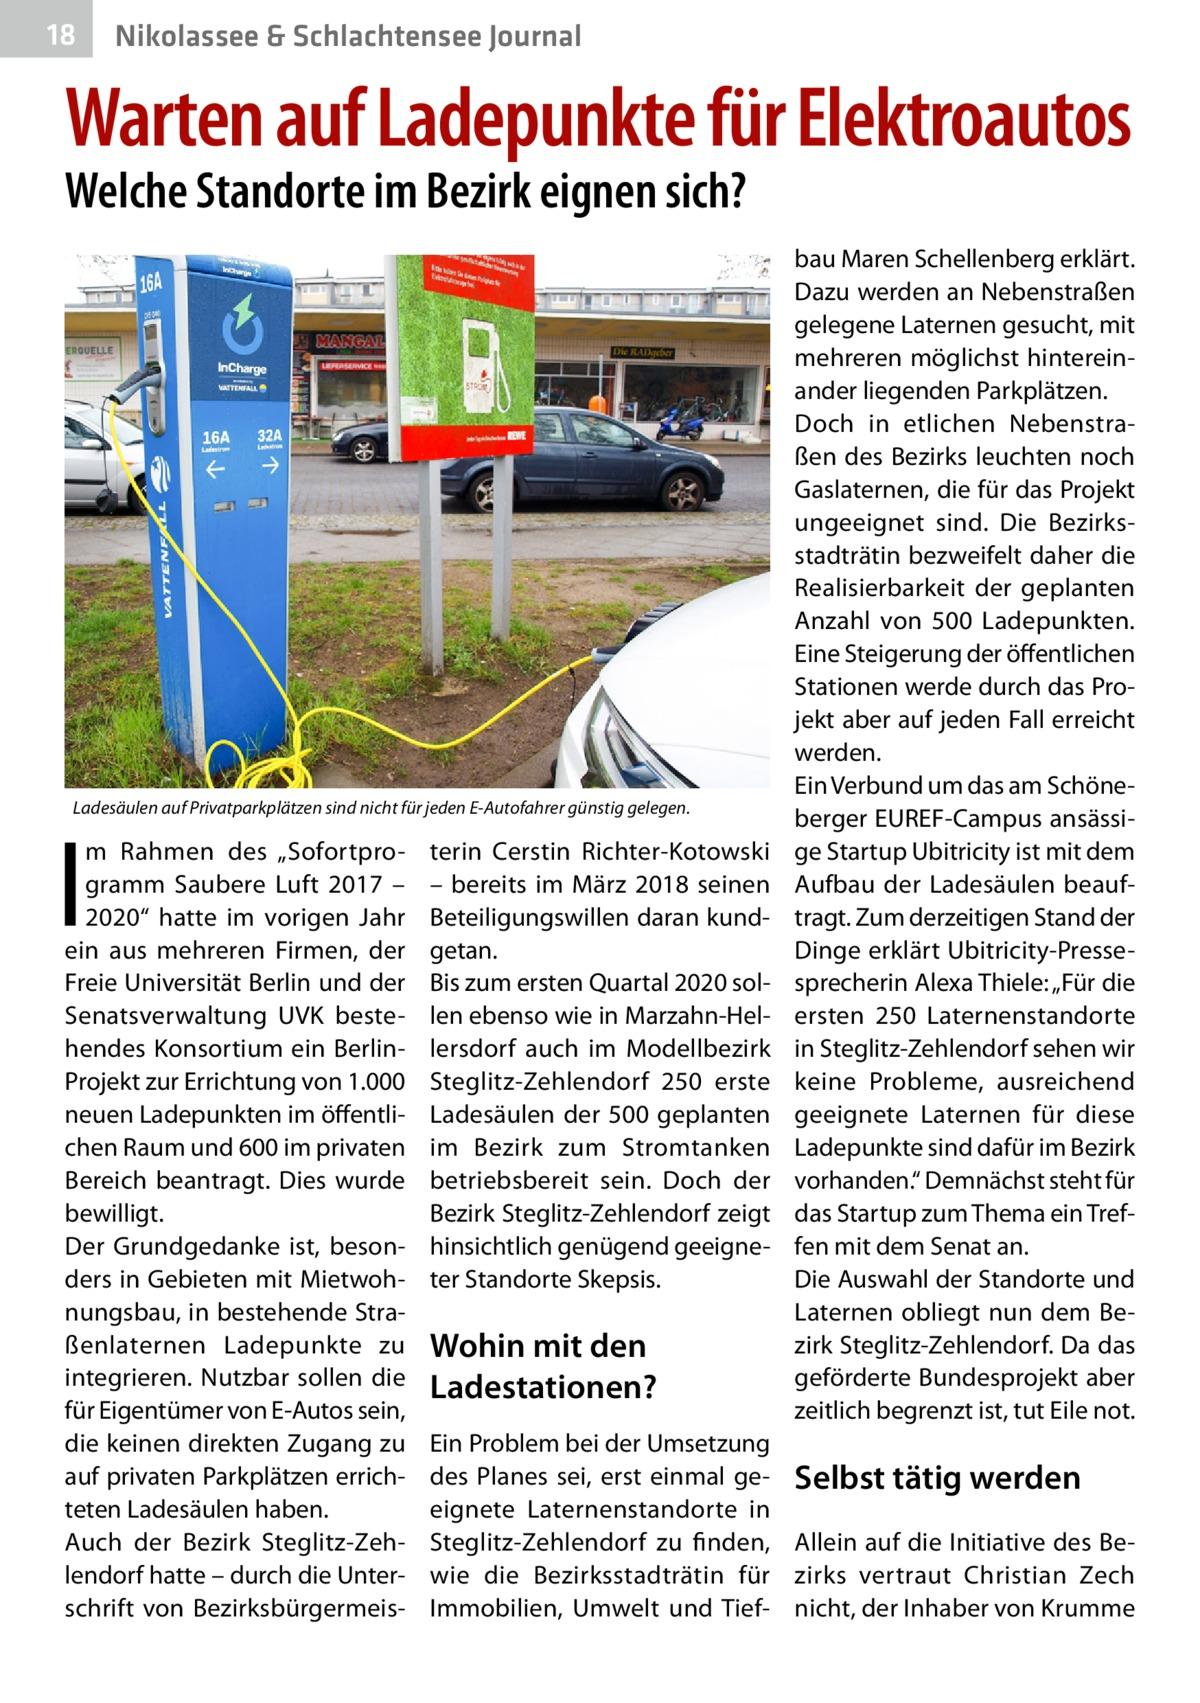 """18  Nikolassee & Schlachtensee Journal  Warten auf Ladepunkte für Elektroautos Welche Standorte im Bezirk eignen sich?  Ladesäulen auf Privatparkplätzen sind nicht für jeden E-Autofahrer günstig gelegen.  I  m Rahmen des """"Sofortprogramm Saubere Luft 2017 – 2020"""" hatte im vorigen Jahr ein aus mehreren Firmen, der Freie Universität Berlin und der Senatsverwaltung UVK bestehendes Konsortium ein BerlinProjekt zur Errichtung von 1.000 neuen Ladepunkten im öffentlichen Raum und 600 im privaten Bereich beantragt. Dies wurde bewilligt. Der Grundgedanke ist, besonders in Gebieten mit Mietwohnungsbau, in bestehende Straßenlaternen Ladepunkte zu integrieren. Nutzbar sollen die für Eigentümer von E-Autos sein, die keinen direkten Zugang zu auf privaten Parkplätzen errichteten Ladesäulen haben. Auch der Bezirk Steglitz-Zehlendorf hatte – durch die Unterschrift von Bezirksbürgermeis terin Cerstin Richter-Kotowski – bereits im März 2018 seinen Beteiligungswillen daran kundgetan. Bis zum ersten Quartal 2020 sollen ebenso wie in Marzahn-Hellersdorf auch im Modellbezirk Steglitz-Zehlendorf 250 erste Ladesäulen der 500 geplanten im Bezirk zum Stromtanken betriebsbereit sein. Doch der Bezirk Steglitz-Zehlendorf zeigt hinsichtlich genügend geeigneter Standorte Skepsis.  Wohin mit den Ladestationen?  bau Maren Schellenberg erklärt. Dazu werden an Nebenstraßen gelegene Laternen gesucht, mit mehreren möglichst hintereinander liegenden Parkplätzen. Doch in etlichen Nebenstraßen des Bezirks leuchten noch Gaslaternen, die für das Projekt ungeeignet sind. Die Bezirksstadträtin bezweifelt daher die Realisierbarkeit der geplanten Anzahl von 500 Ladepunkten. Eine Steigerung der öffentlichen Stationen werde durch das Projekt aber auf jeden Fall erreicht werden. Ein Verbund um das am Schöneberger EUREF-Campus ansässige Startup Ubitricity ist mit dem Aufbau der Ladesäulen beauftragt. Zum derzeitigen Stand der Dinge erklärt Ubitricity-Pressesprecherin Alexa Thiele: """"Für die ersten 250 Laternenstandor"""